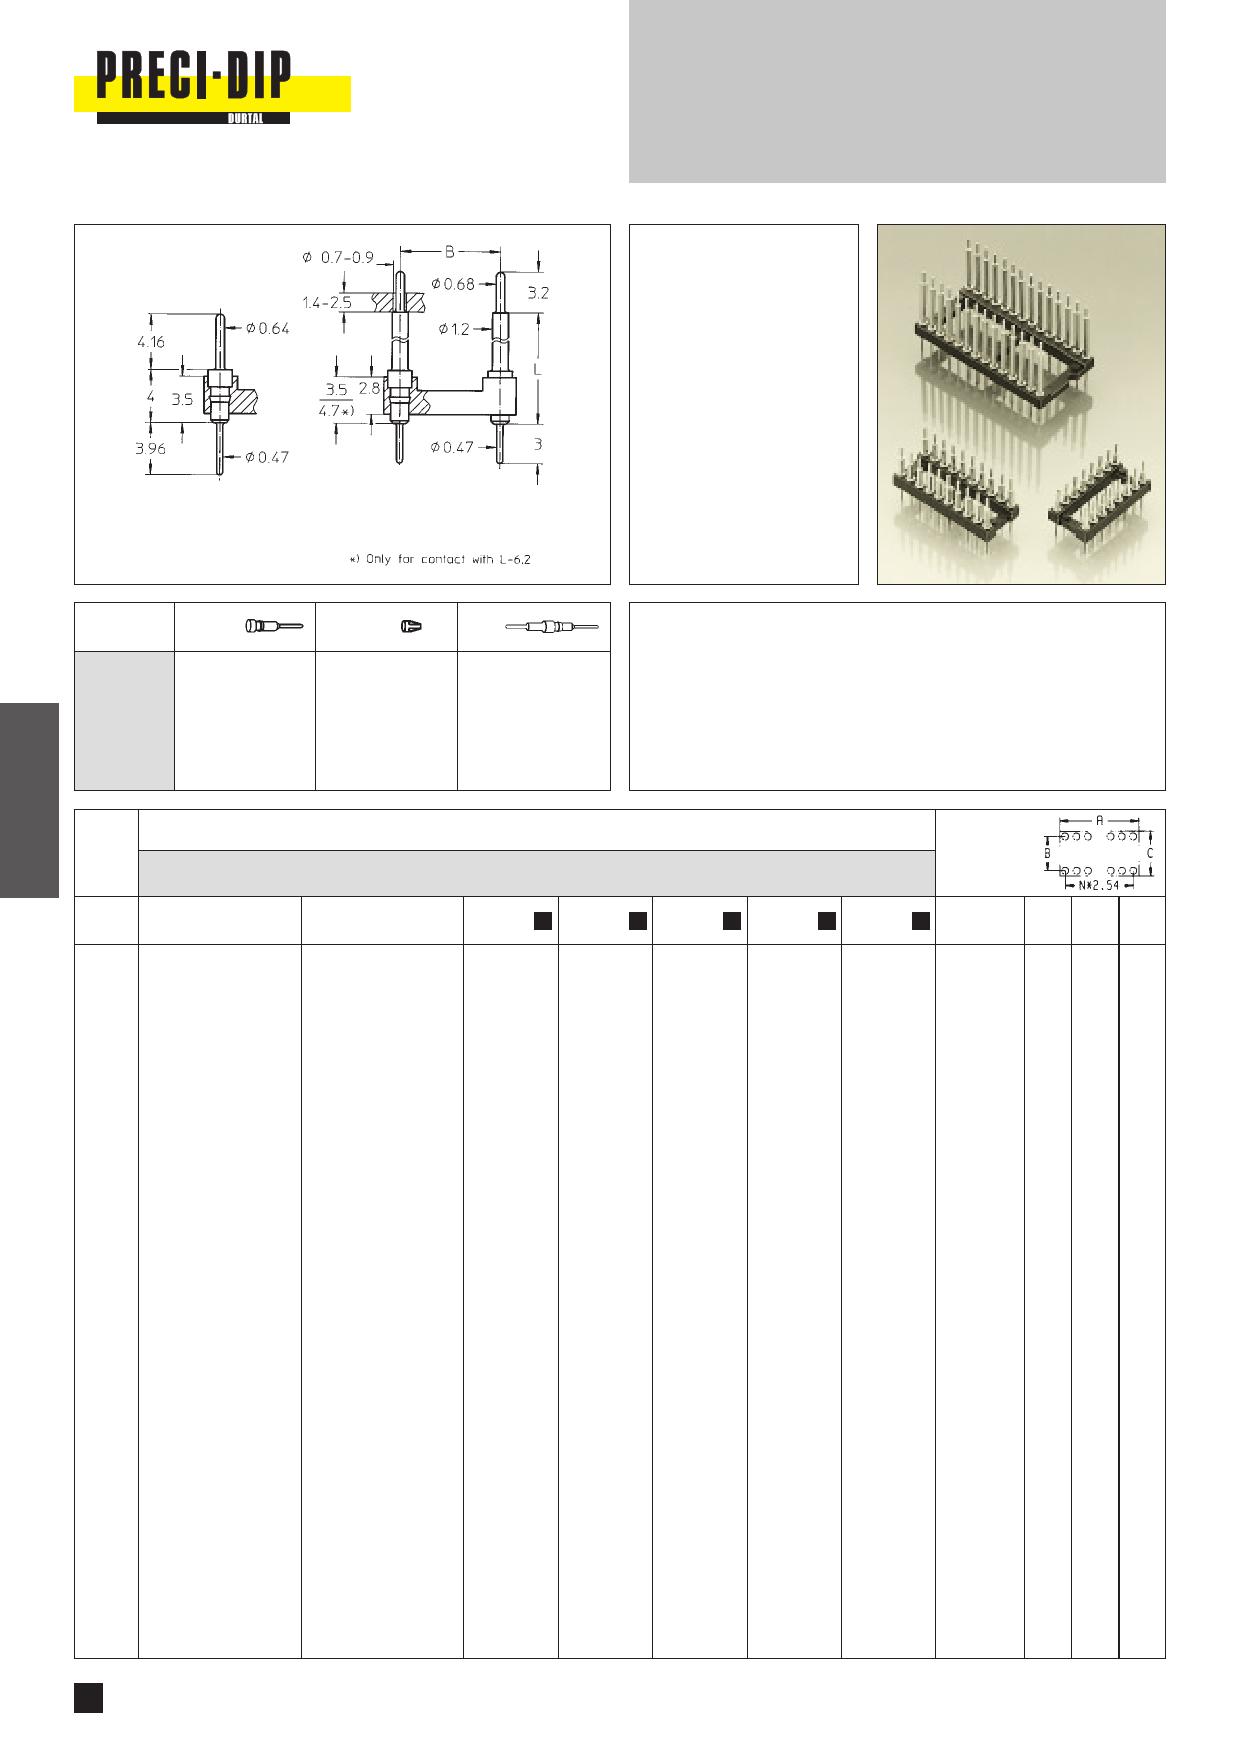 151-10-316-00-001 datasheet